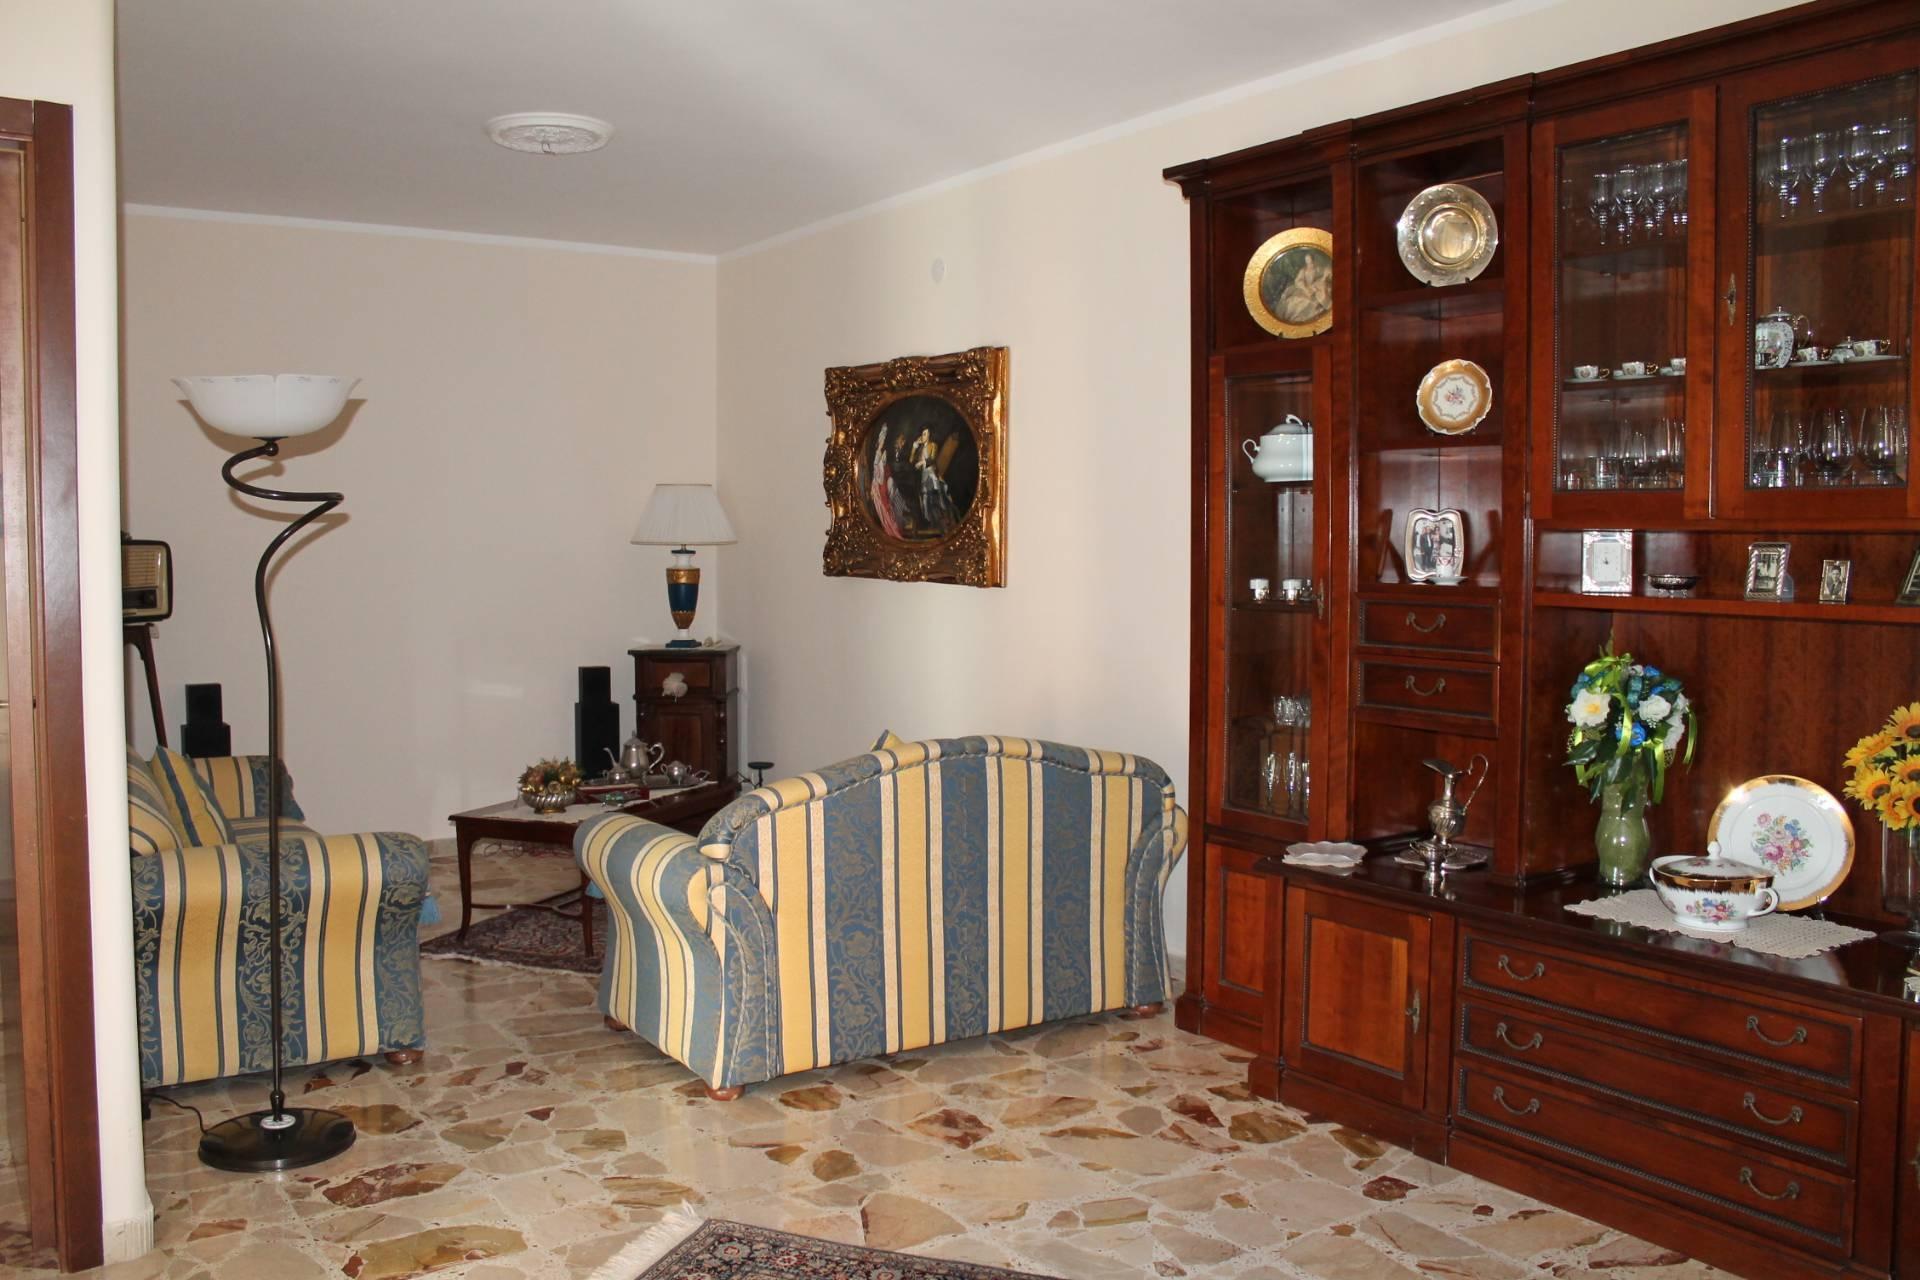 Appartamento in vendita a Sciacca, 5 locali, zona Località: CentroStorico, prezzo € 65.000   PortaleAgenzieImmobiliari.it